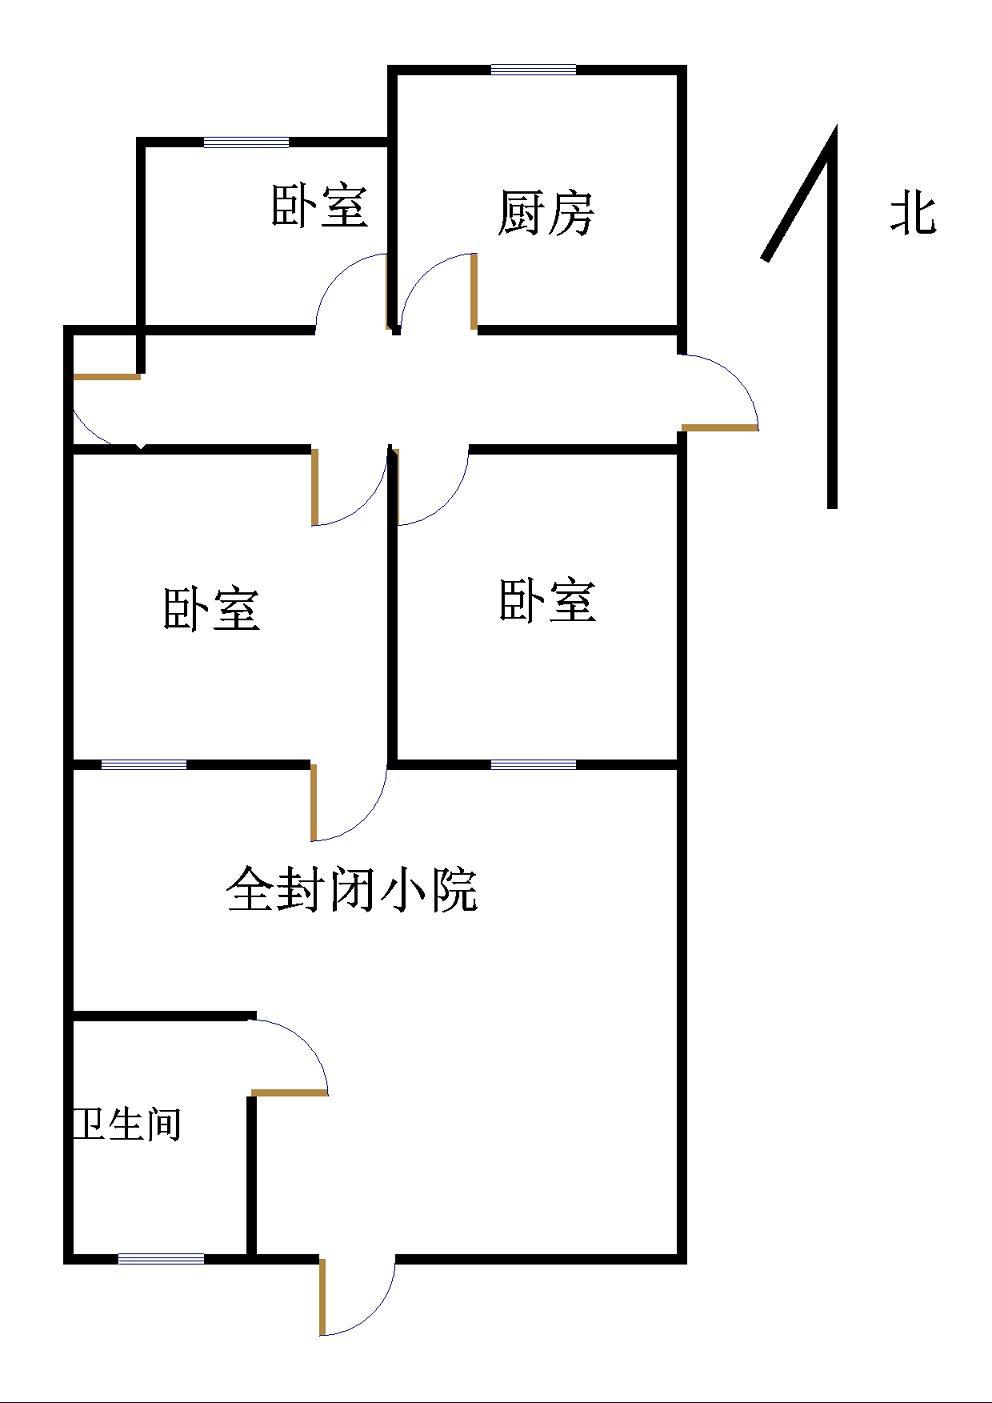 建委宿舍(园林处宿舍) 3室1厅  精装 140万